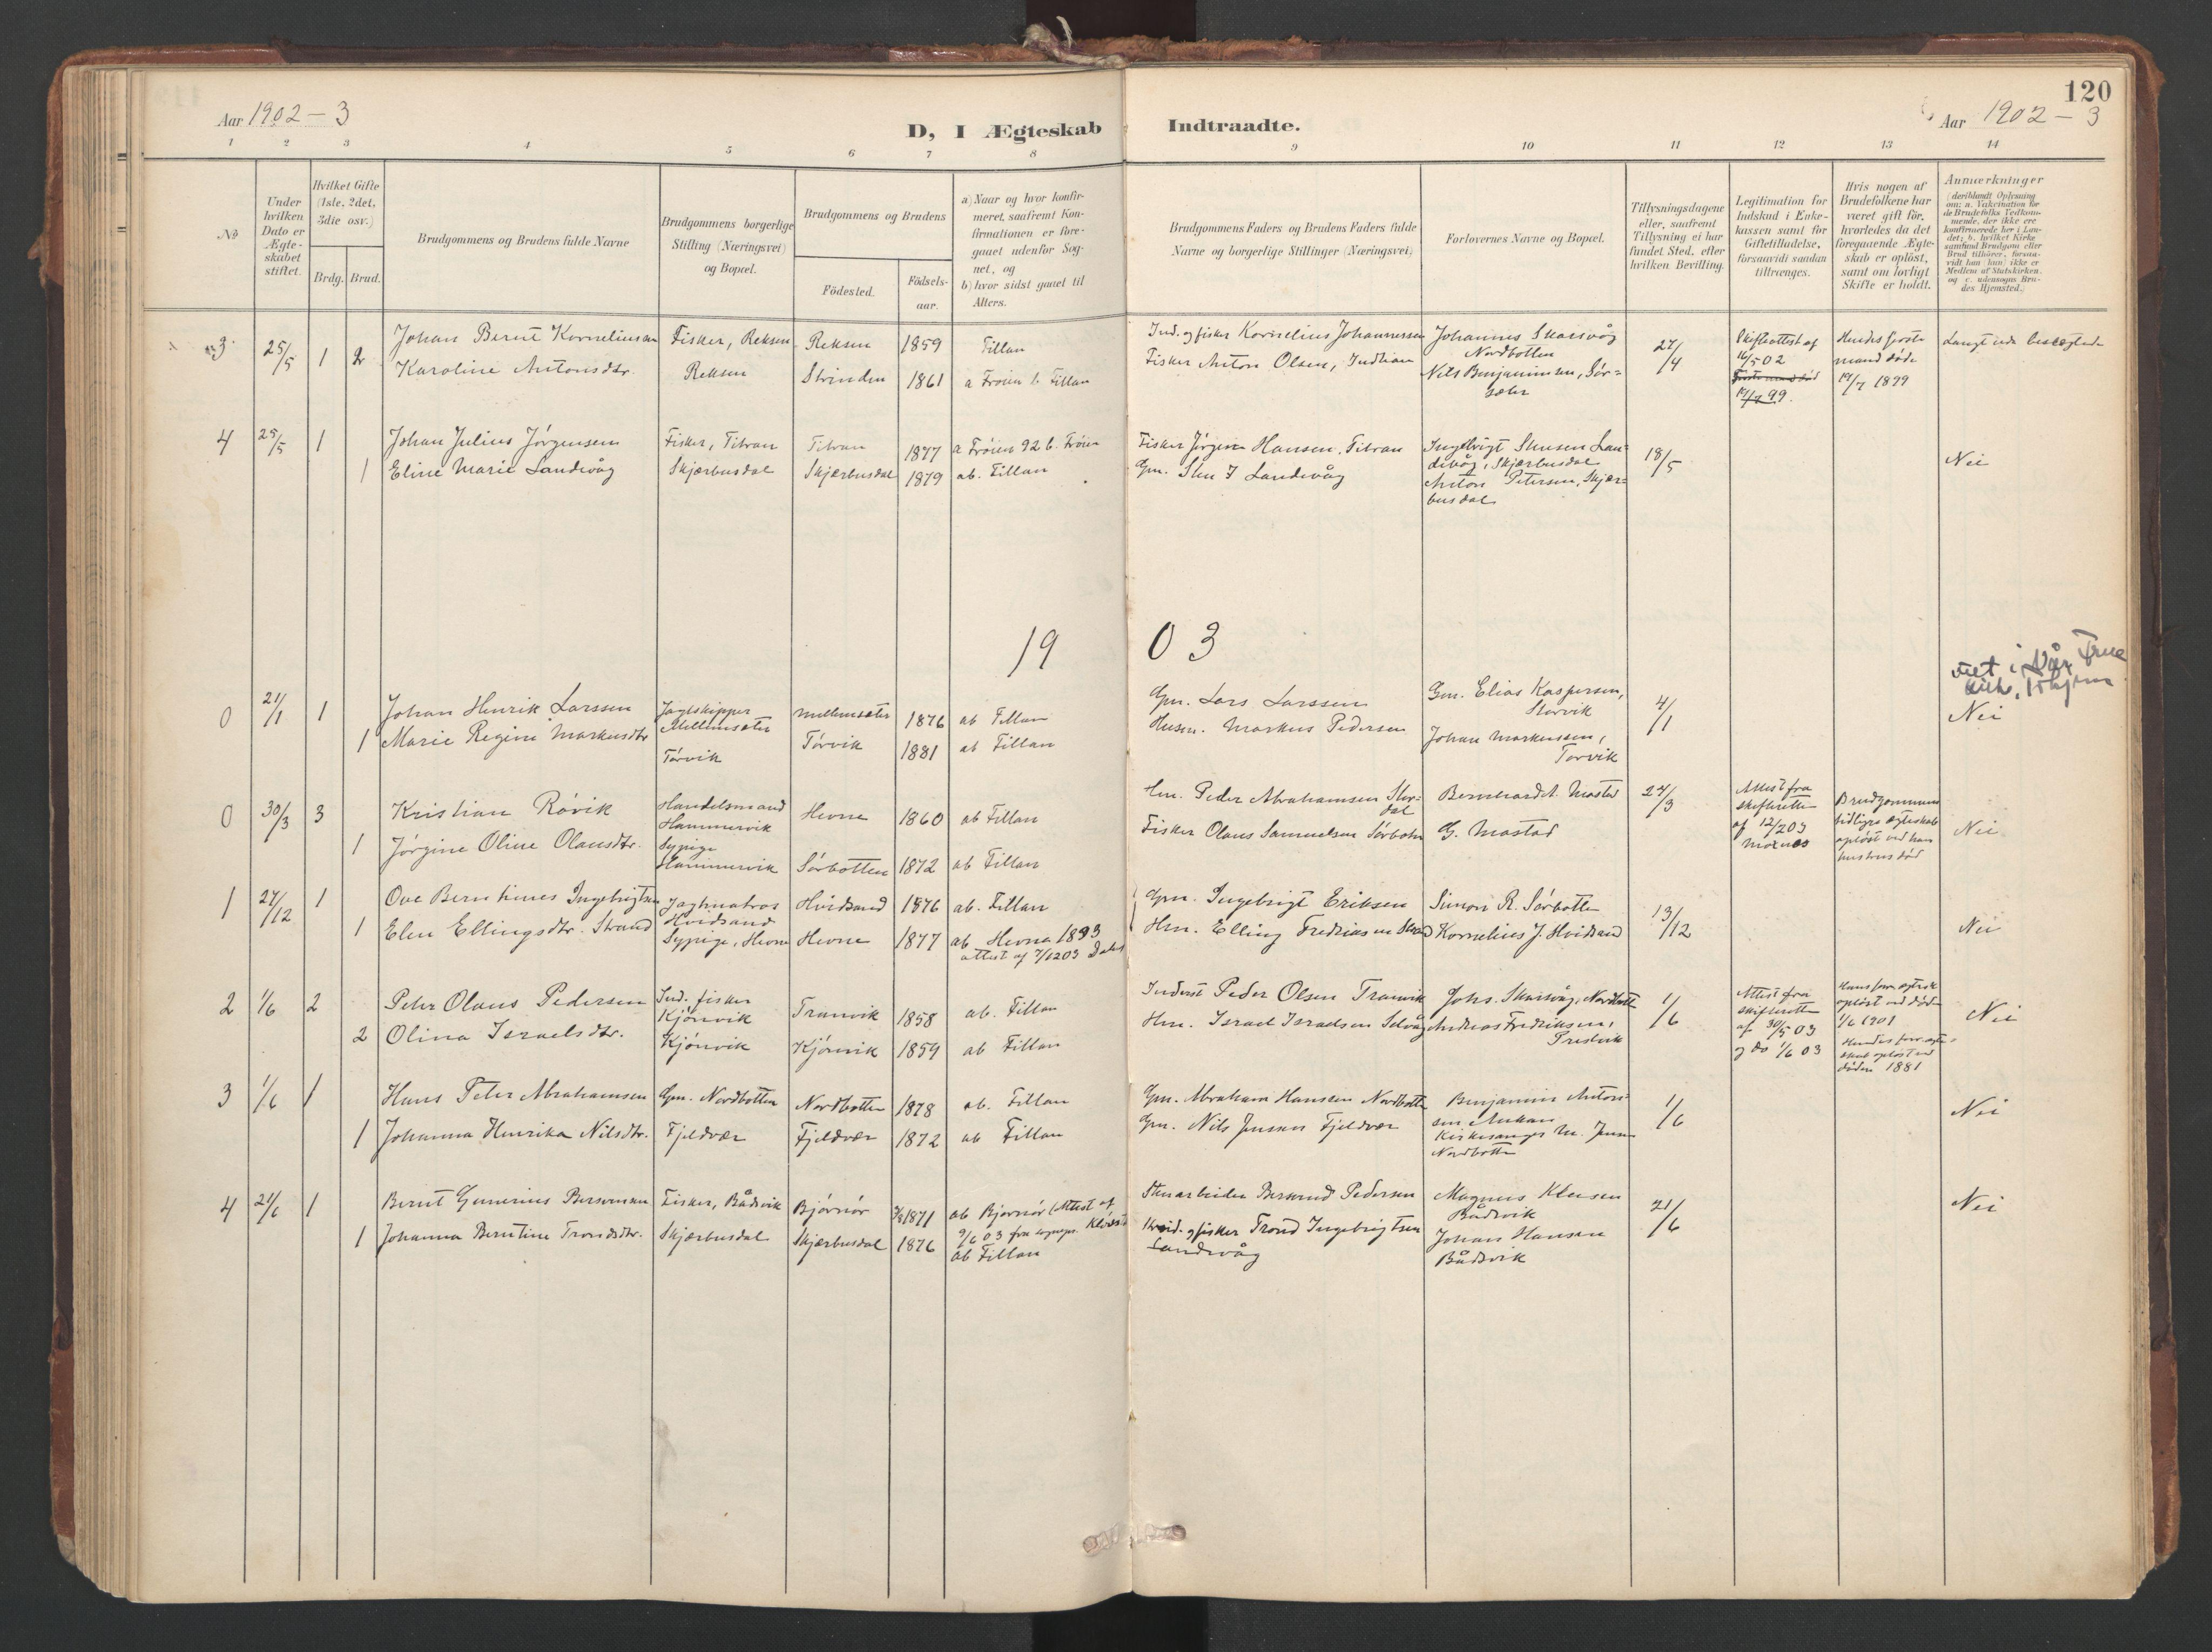 SAT, Ministerialprotokoller, klokkerbøker og fødselsregistre - Sør-Trøndelag, 638/L0568: Ministerialbok nr. 638A01, 1901-1916, s. 120